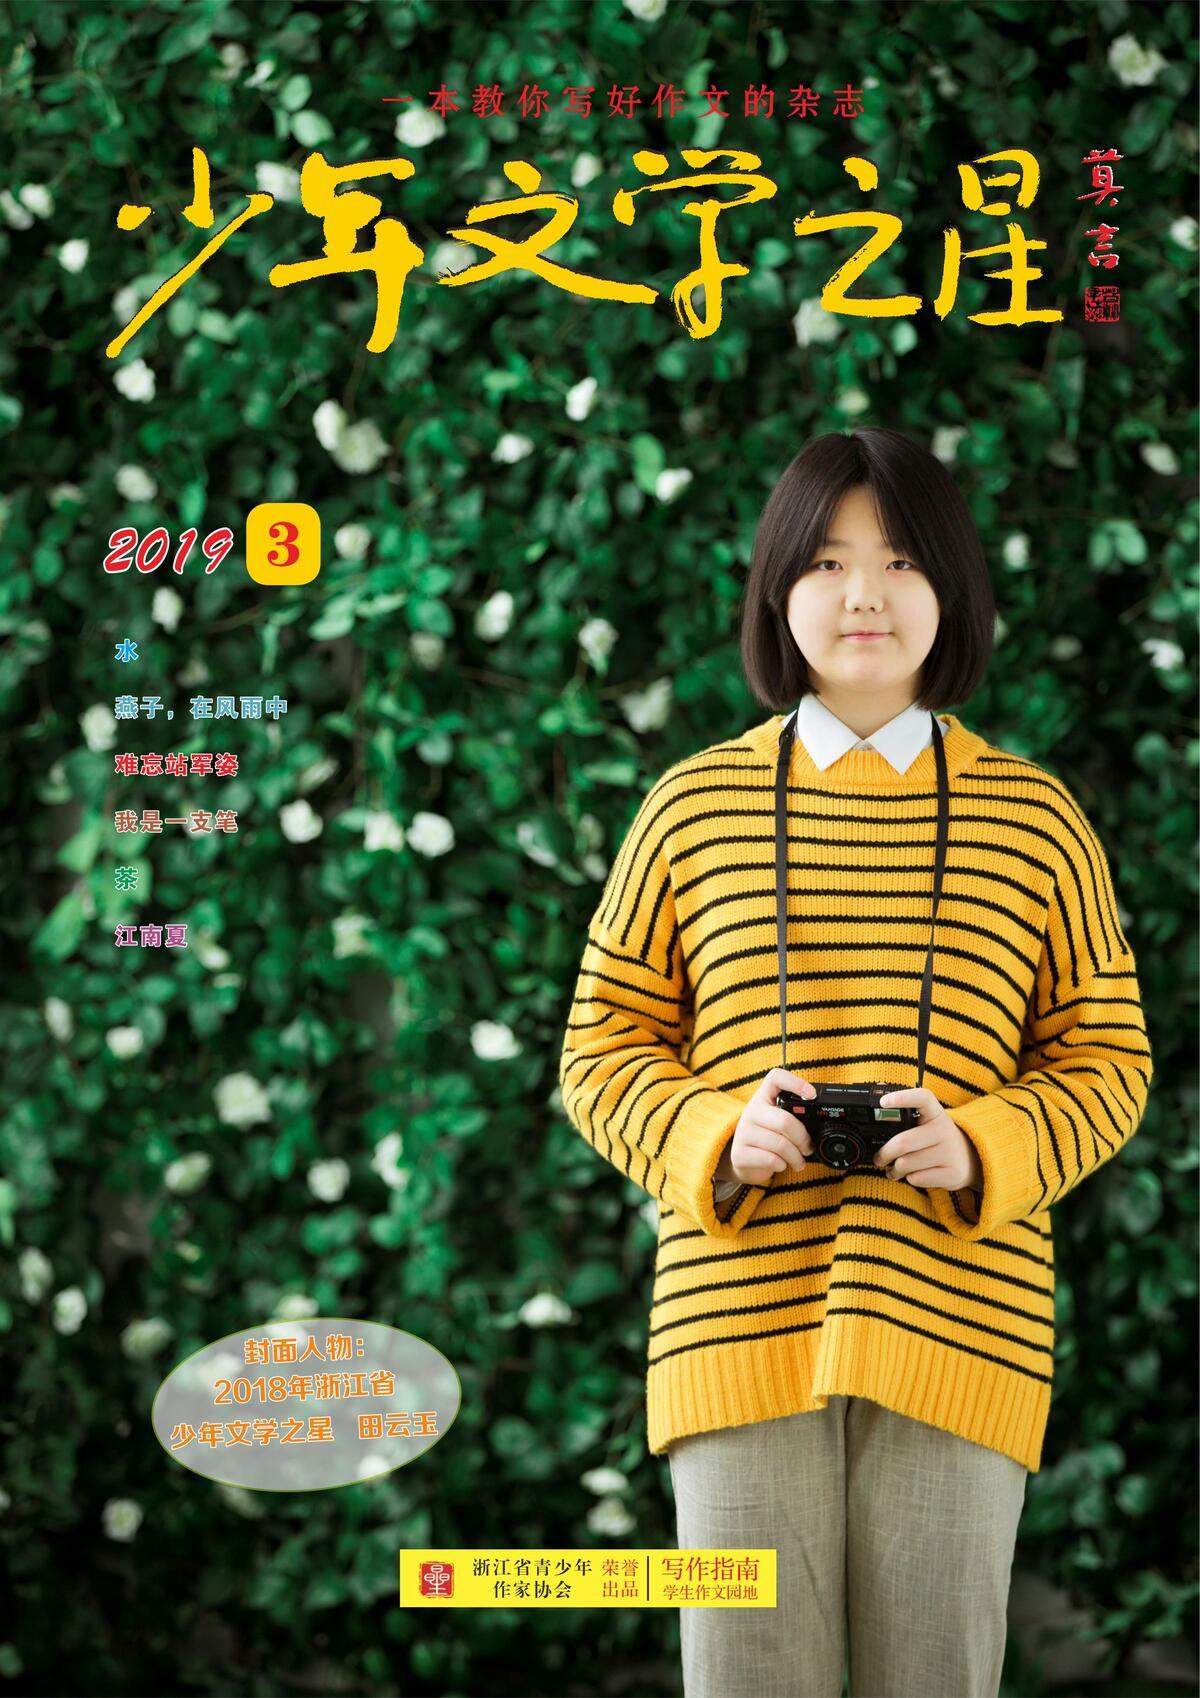 《少年文学之星》2019年3月刊